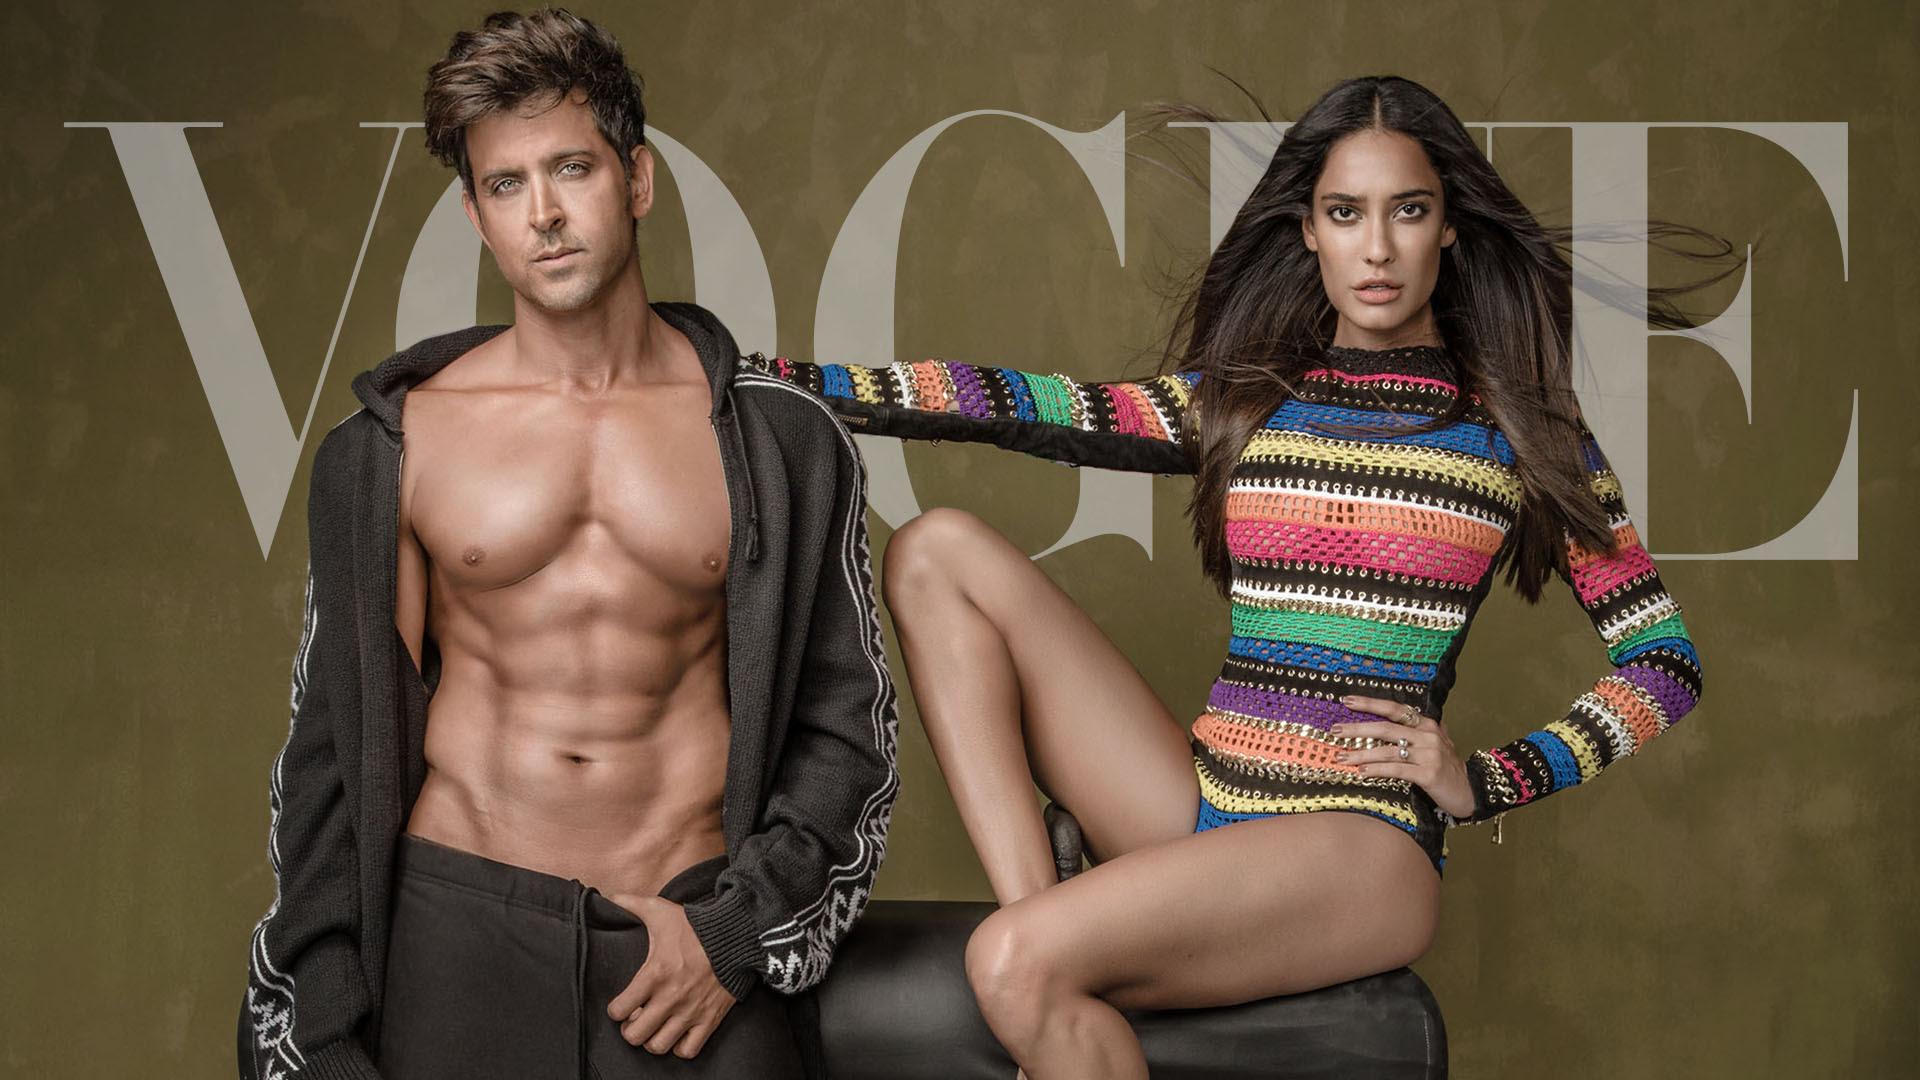 Hrithik Roshan, Lisa Haydon, Vogue